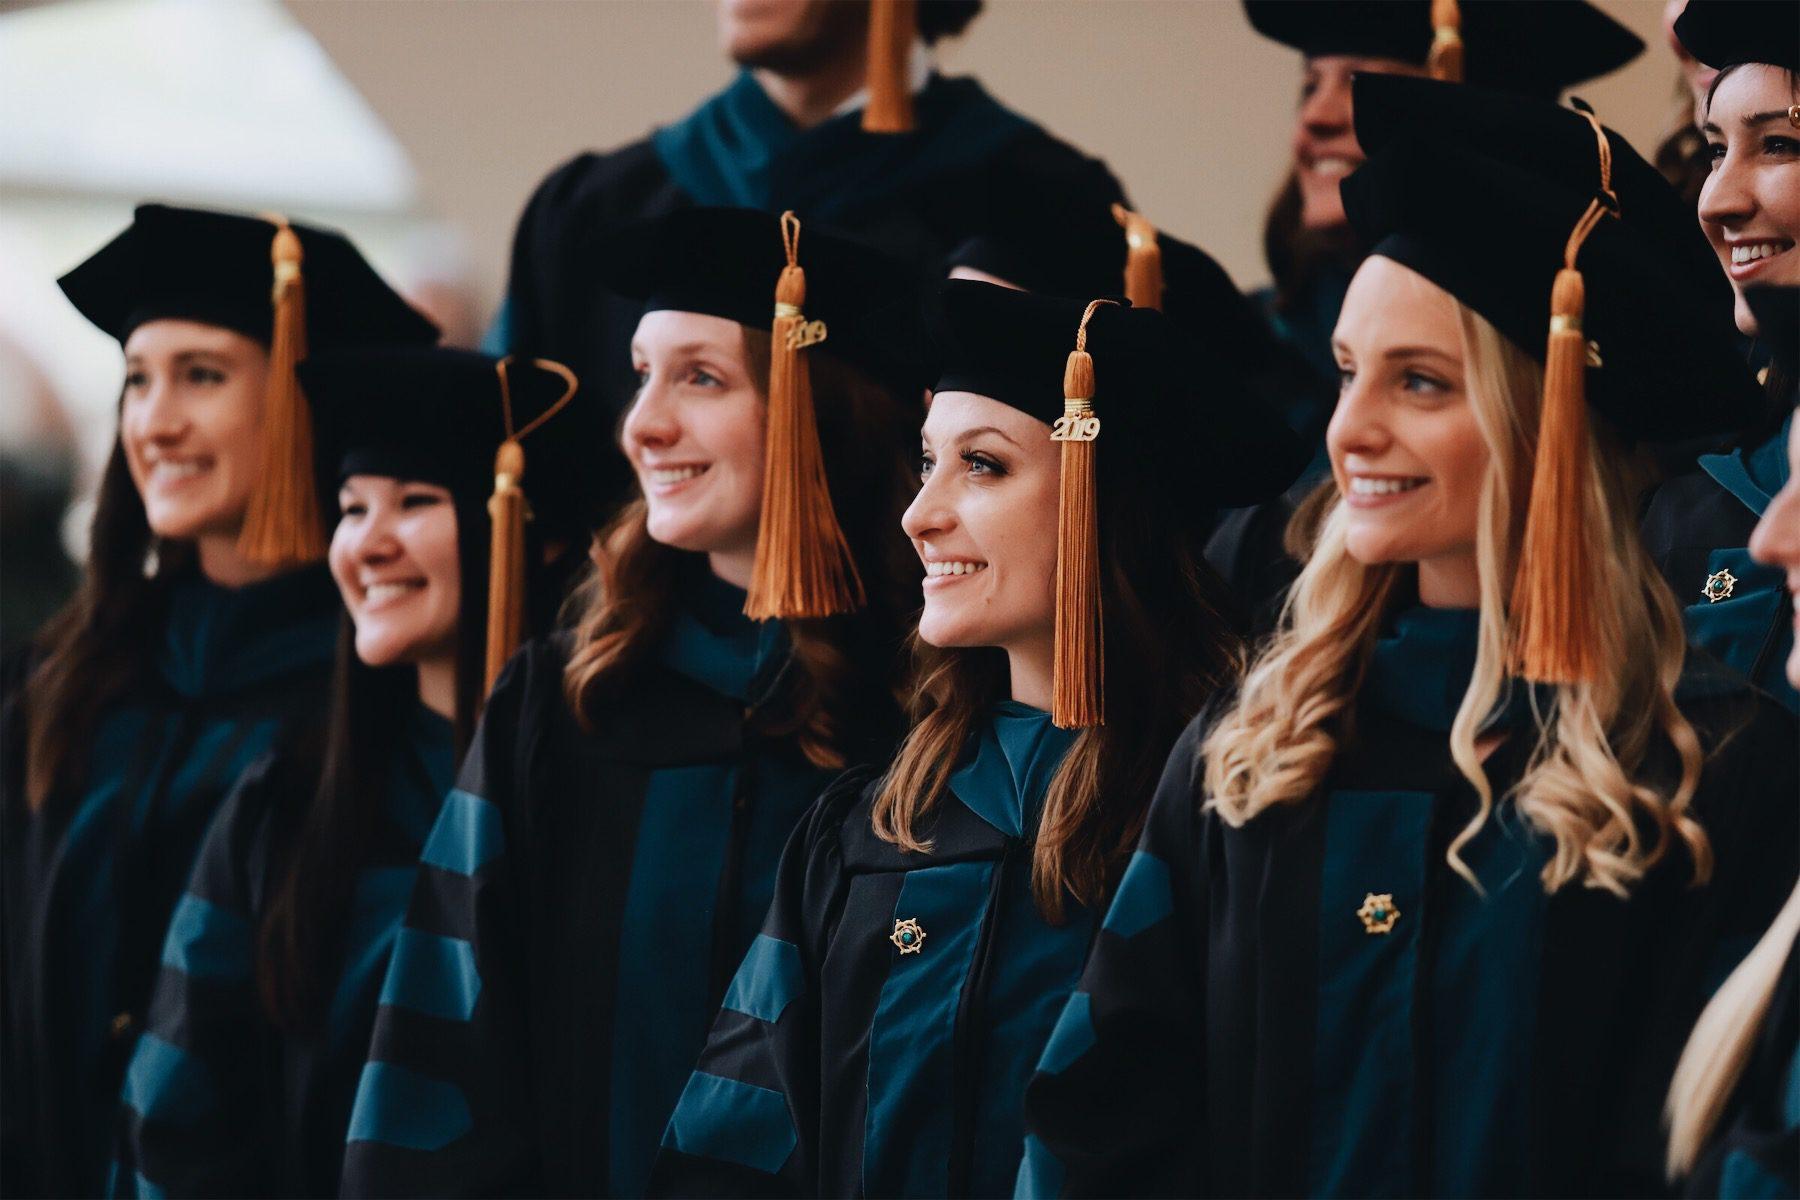 Kettering College graduates